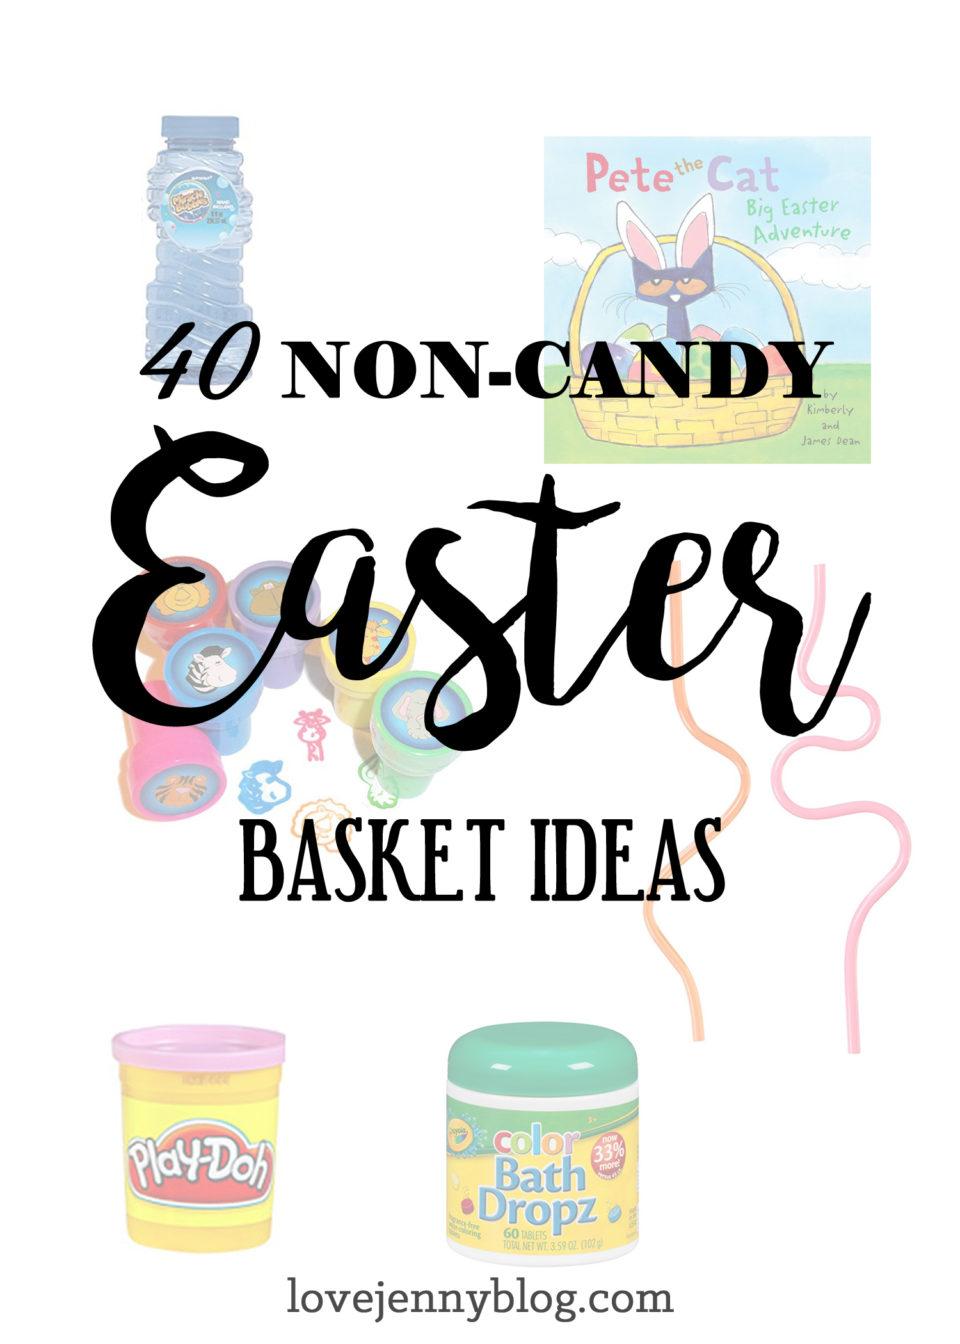 40 Non-Candy Easter Basket Ideas